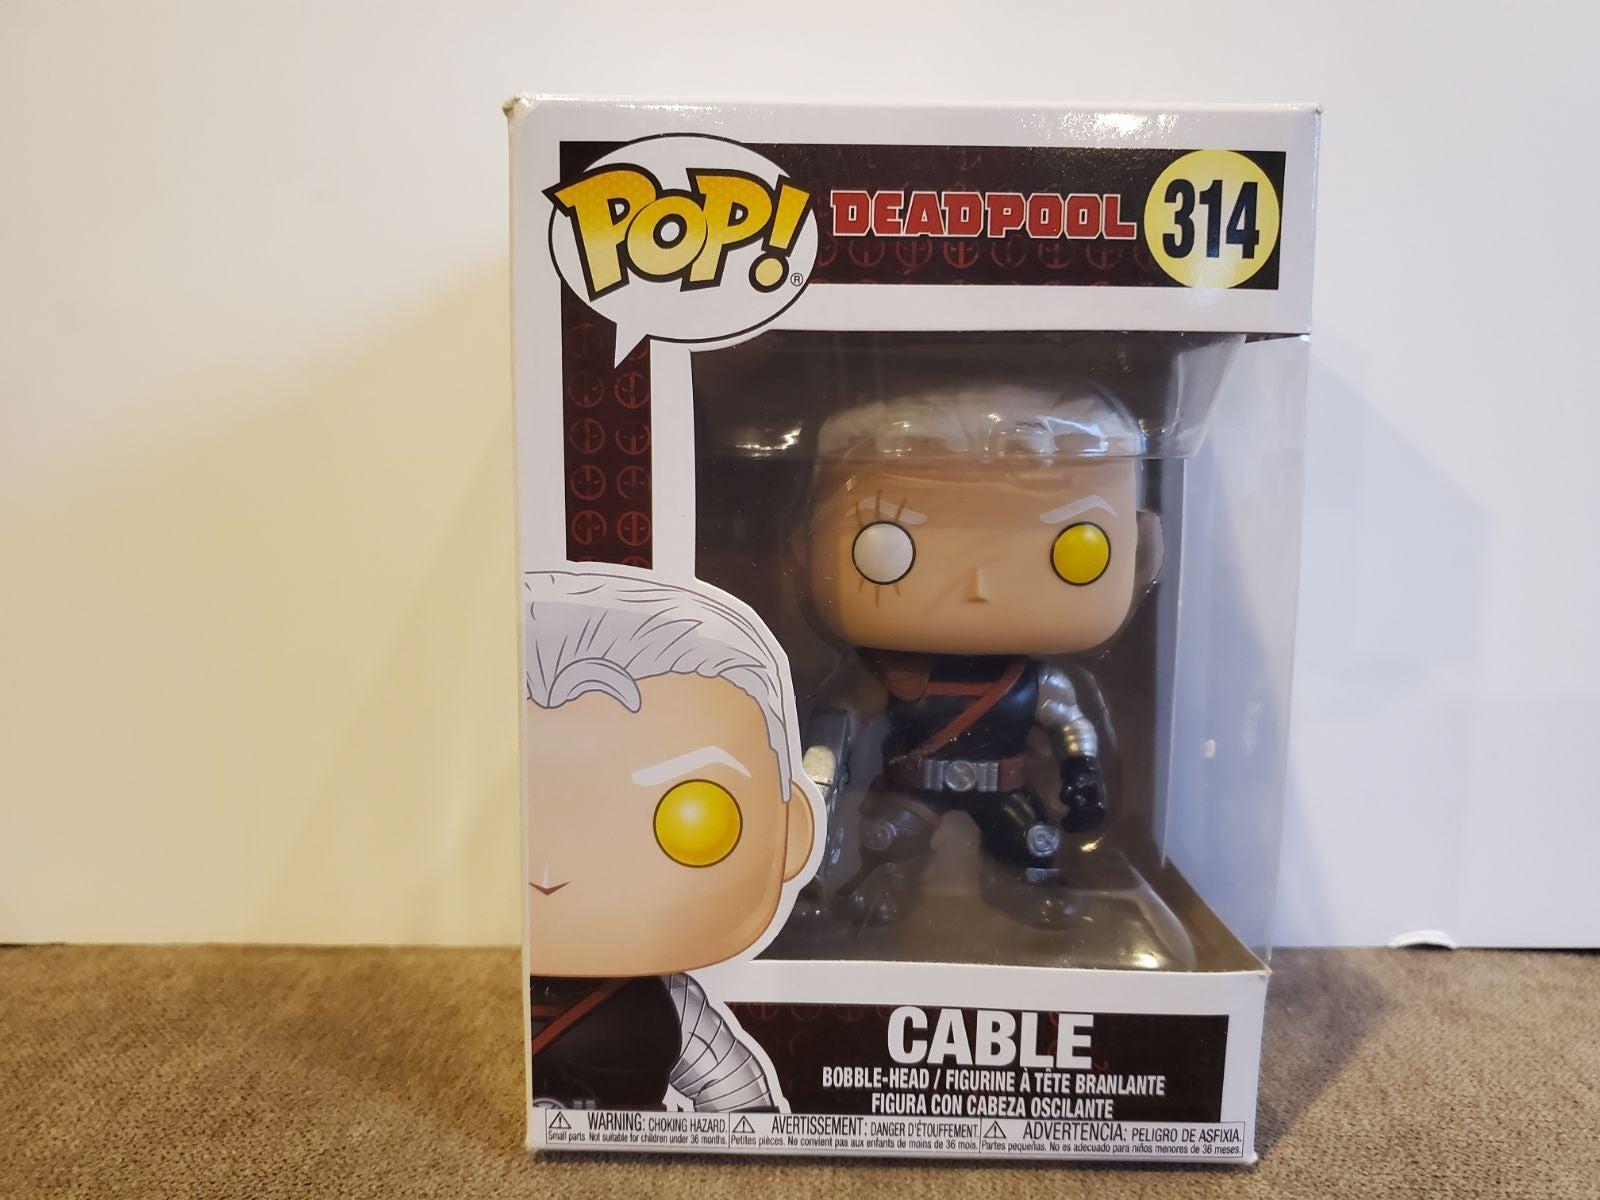 Funko Pop Cable 314